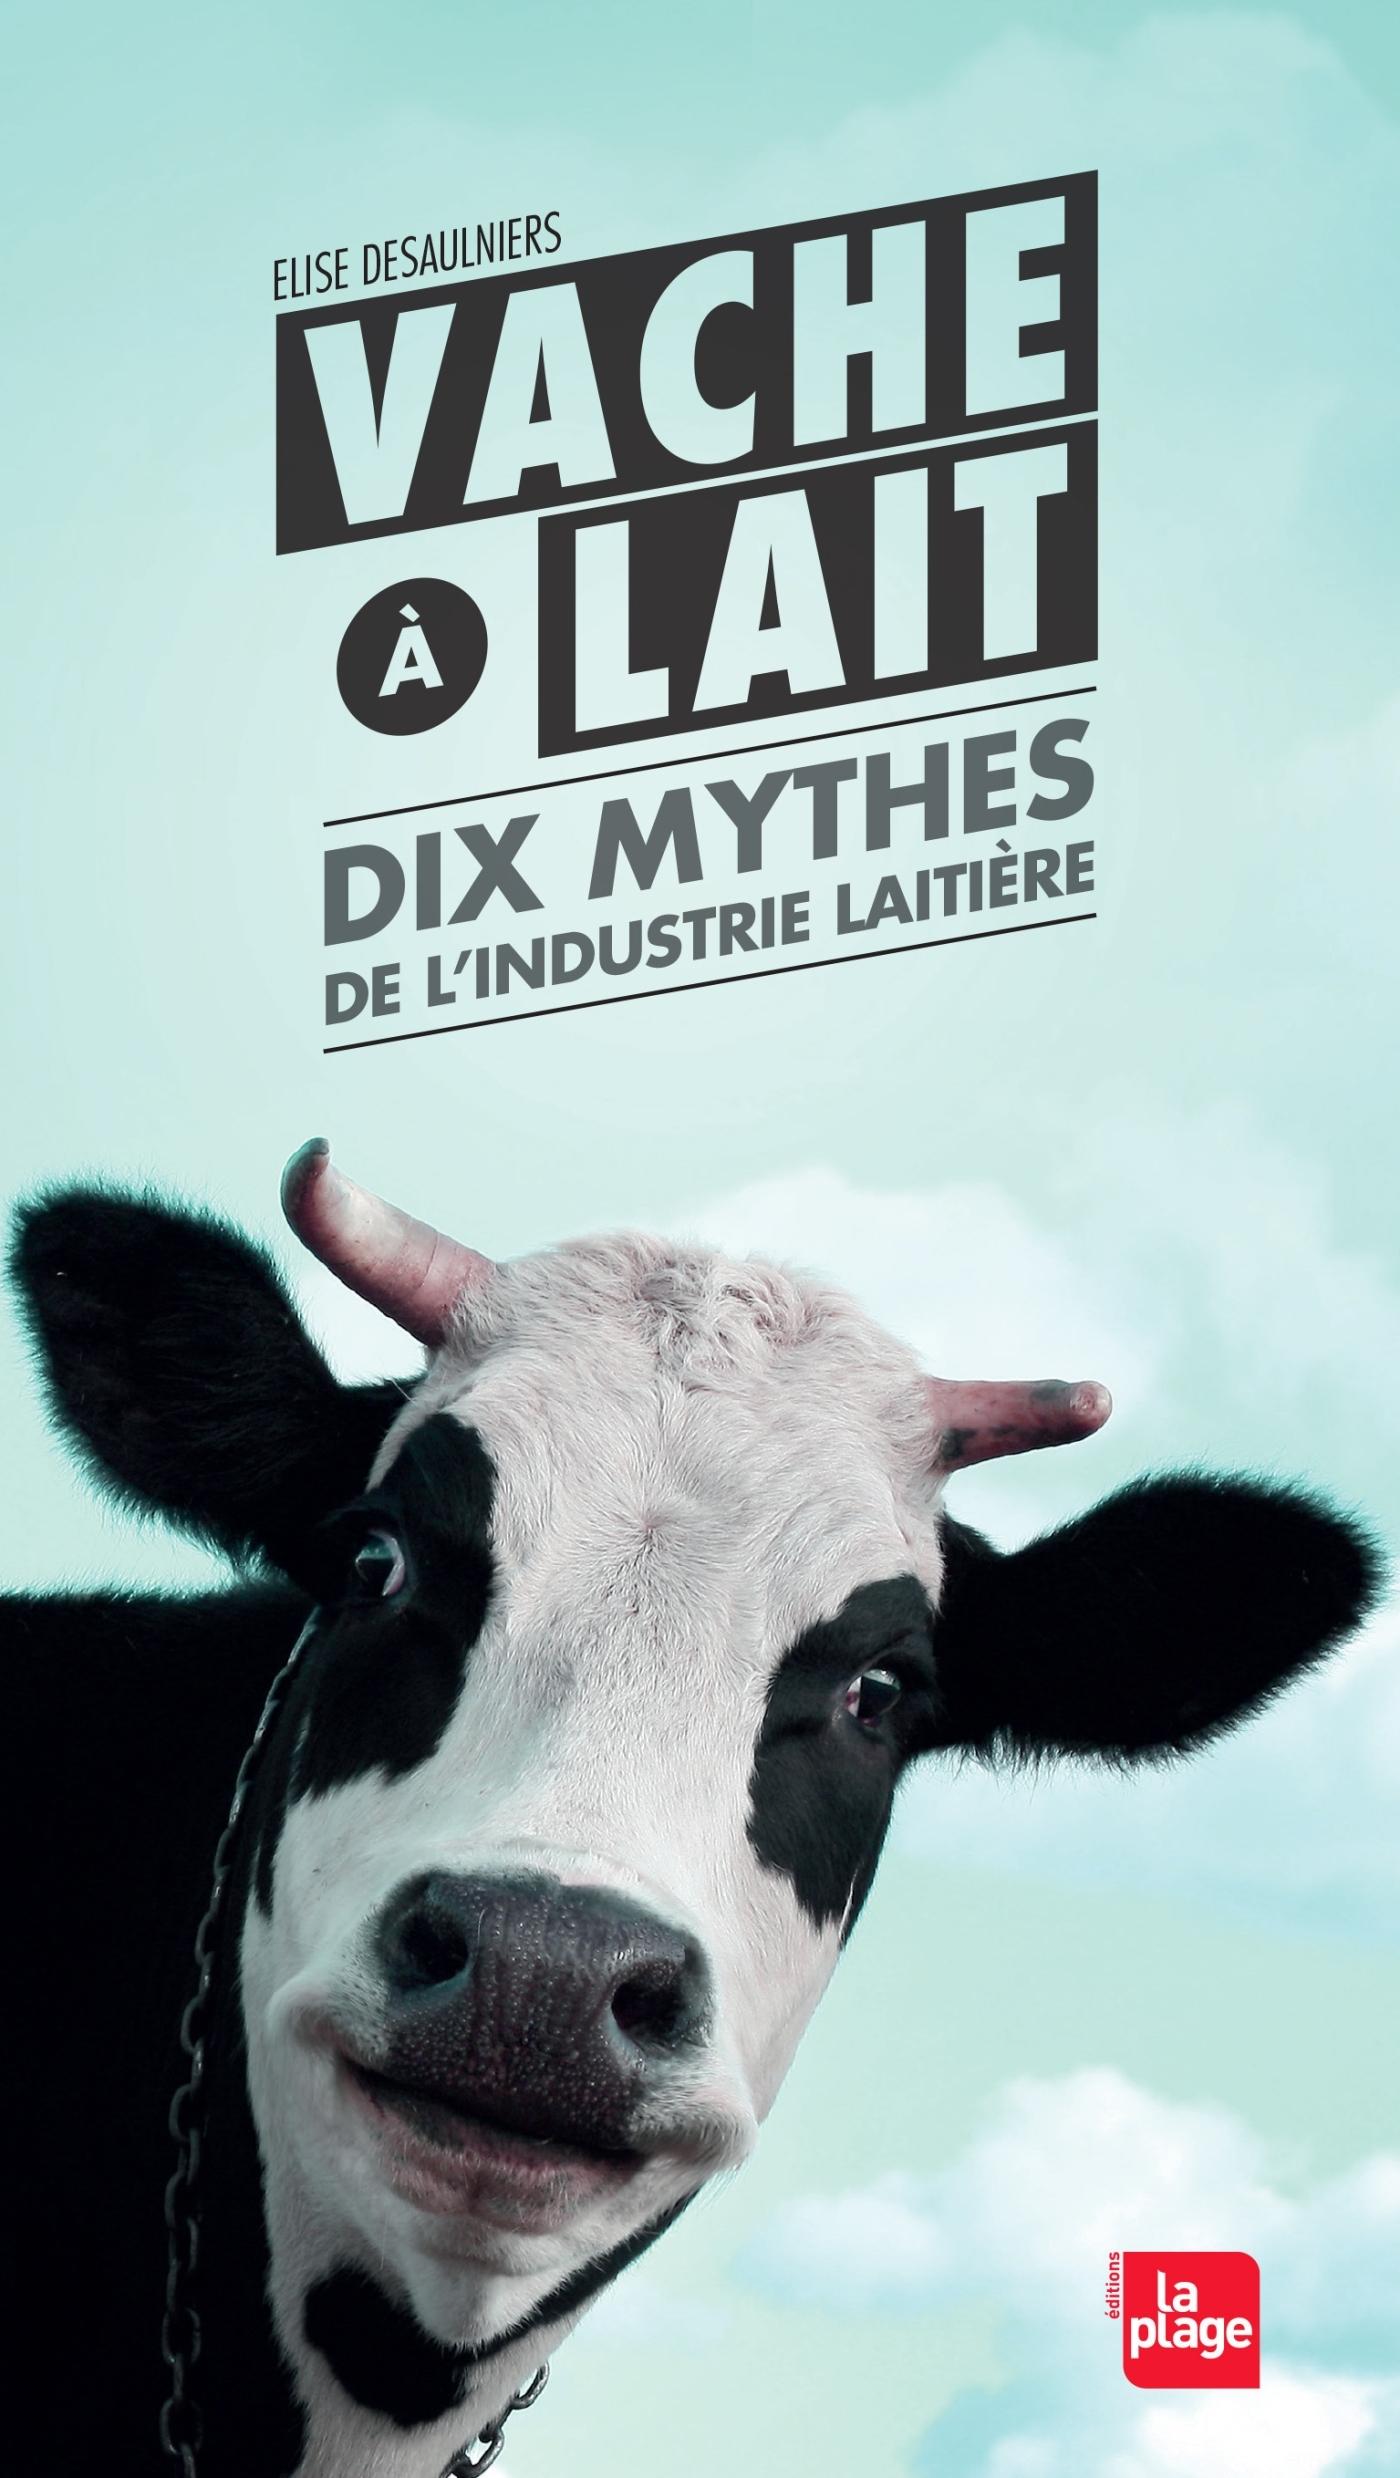 VACHE A LAIT - DIX MYTHES DE L'INDUSTRIE LAITIERE